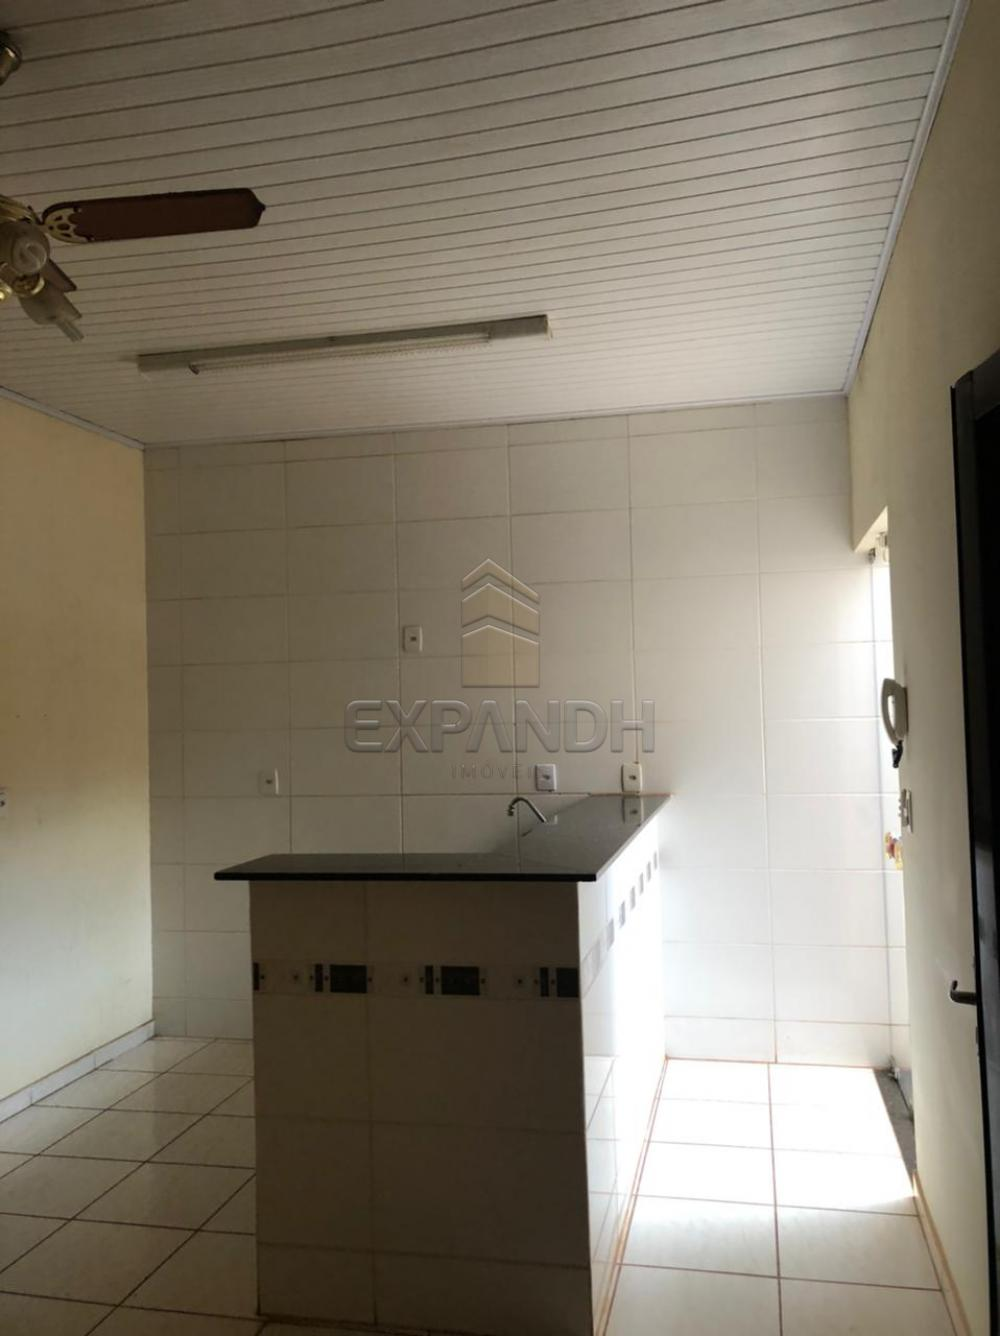 Alugar Casas / Padrão em Sertãozinho apenas R$ 1.500,00 - Foto 19